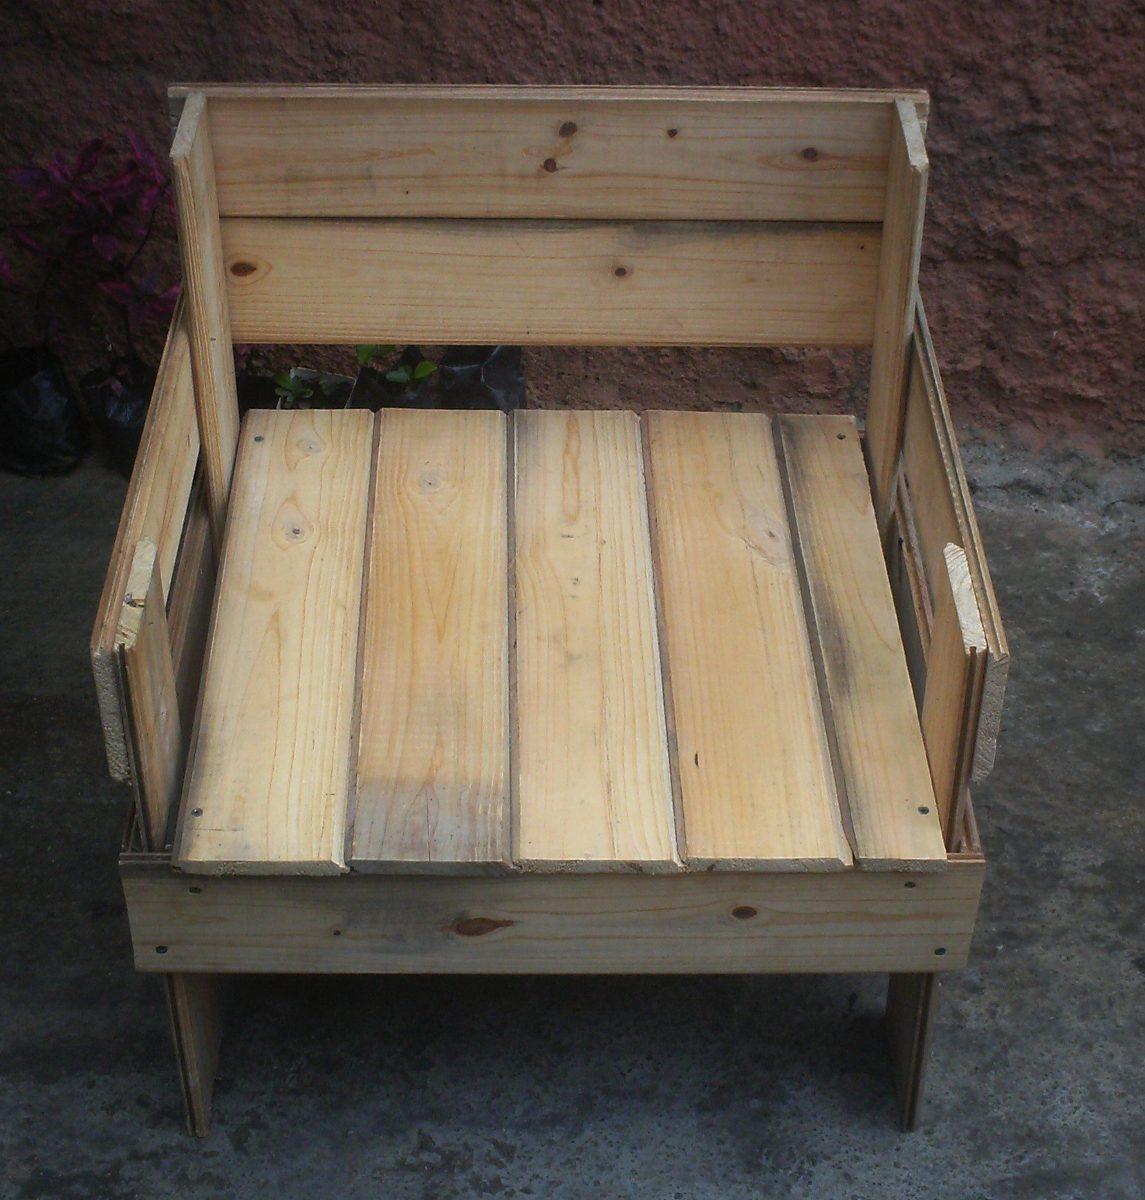 Juego de muebles de madera de pino bs en for Muebles de pino precios